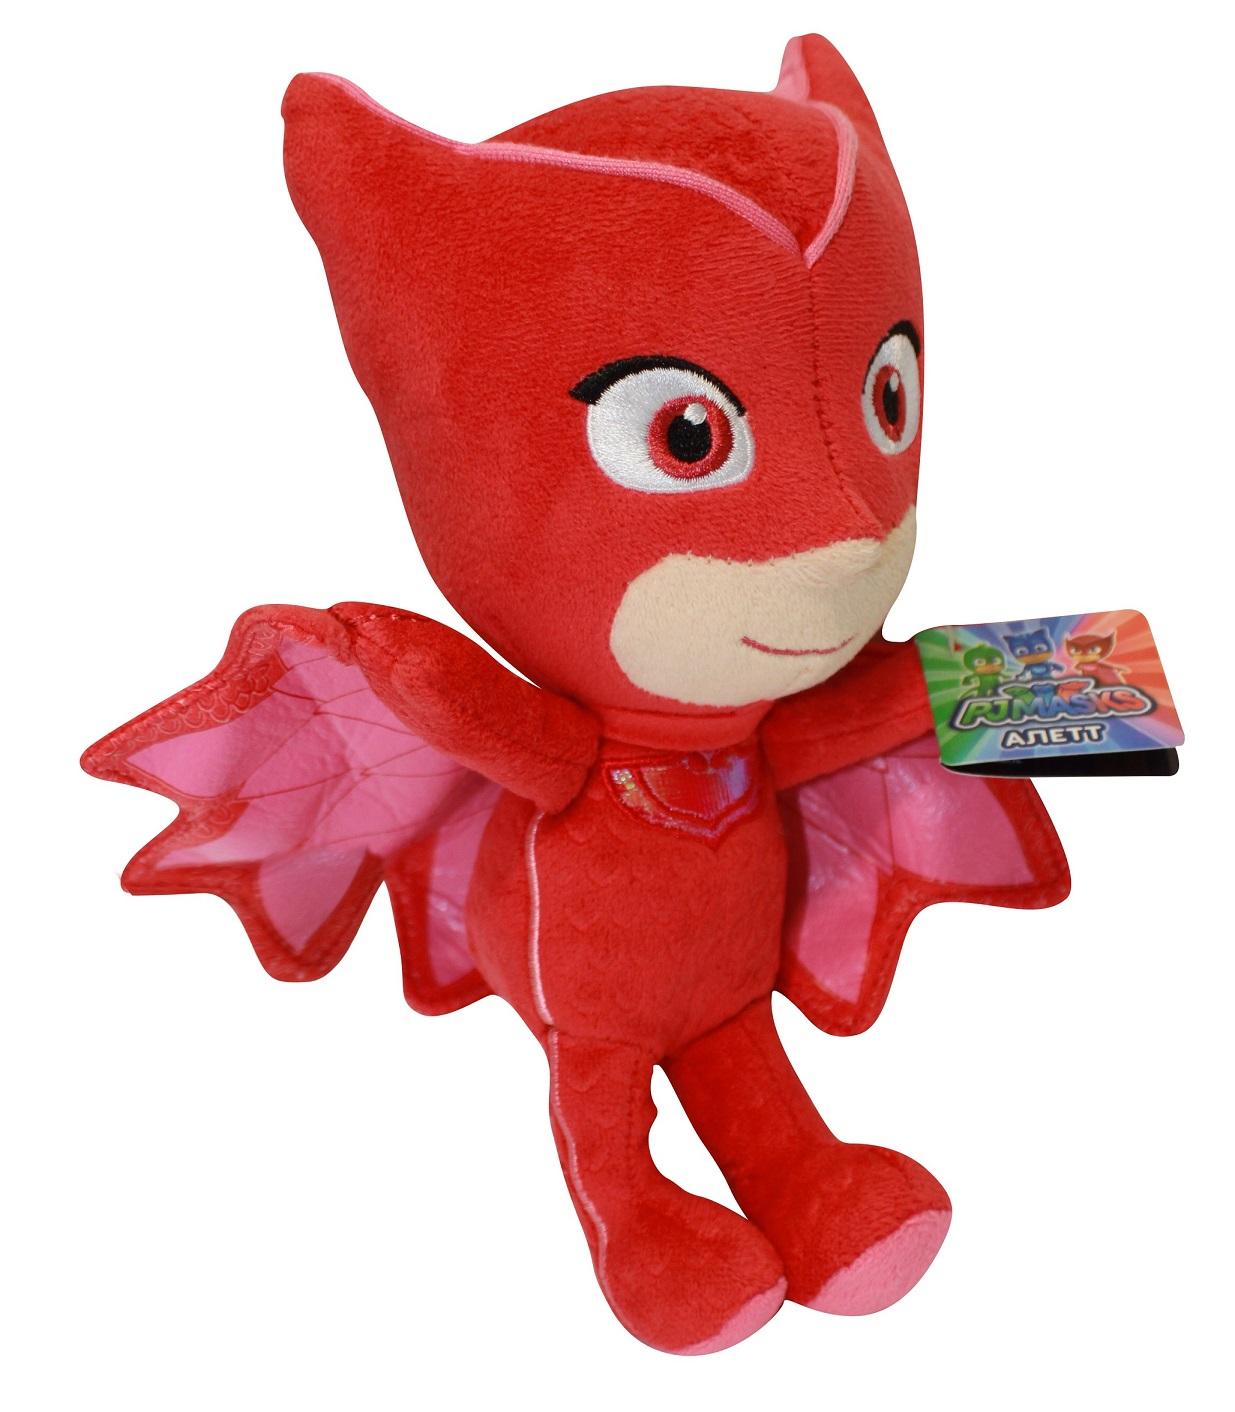 Мягкая игрушка Алетт из серии Герои в масках, 20 см.Герои в масках PJ Masks<br>Мягкая игрушка Алетт из серии Герои в масках, 20 см.<br>